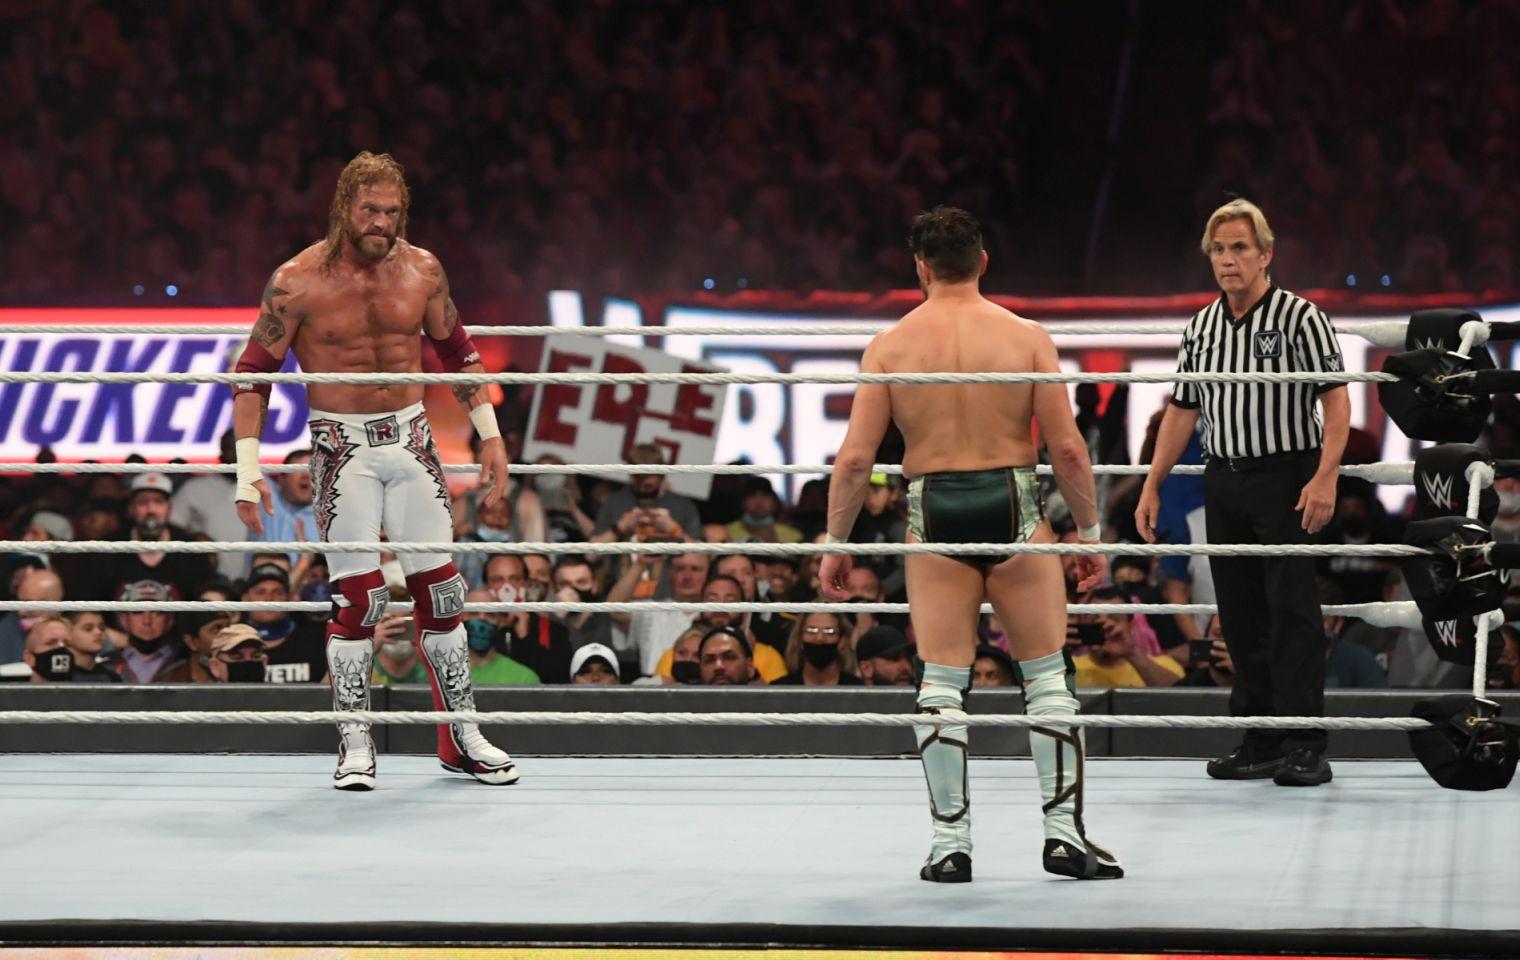 Wwe Wrestlemania 37 Das Sind Die Ergebnisse Des Ppvs